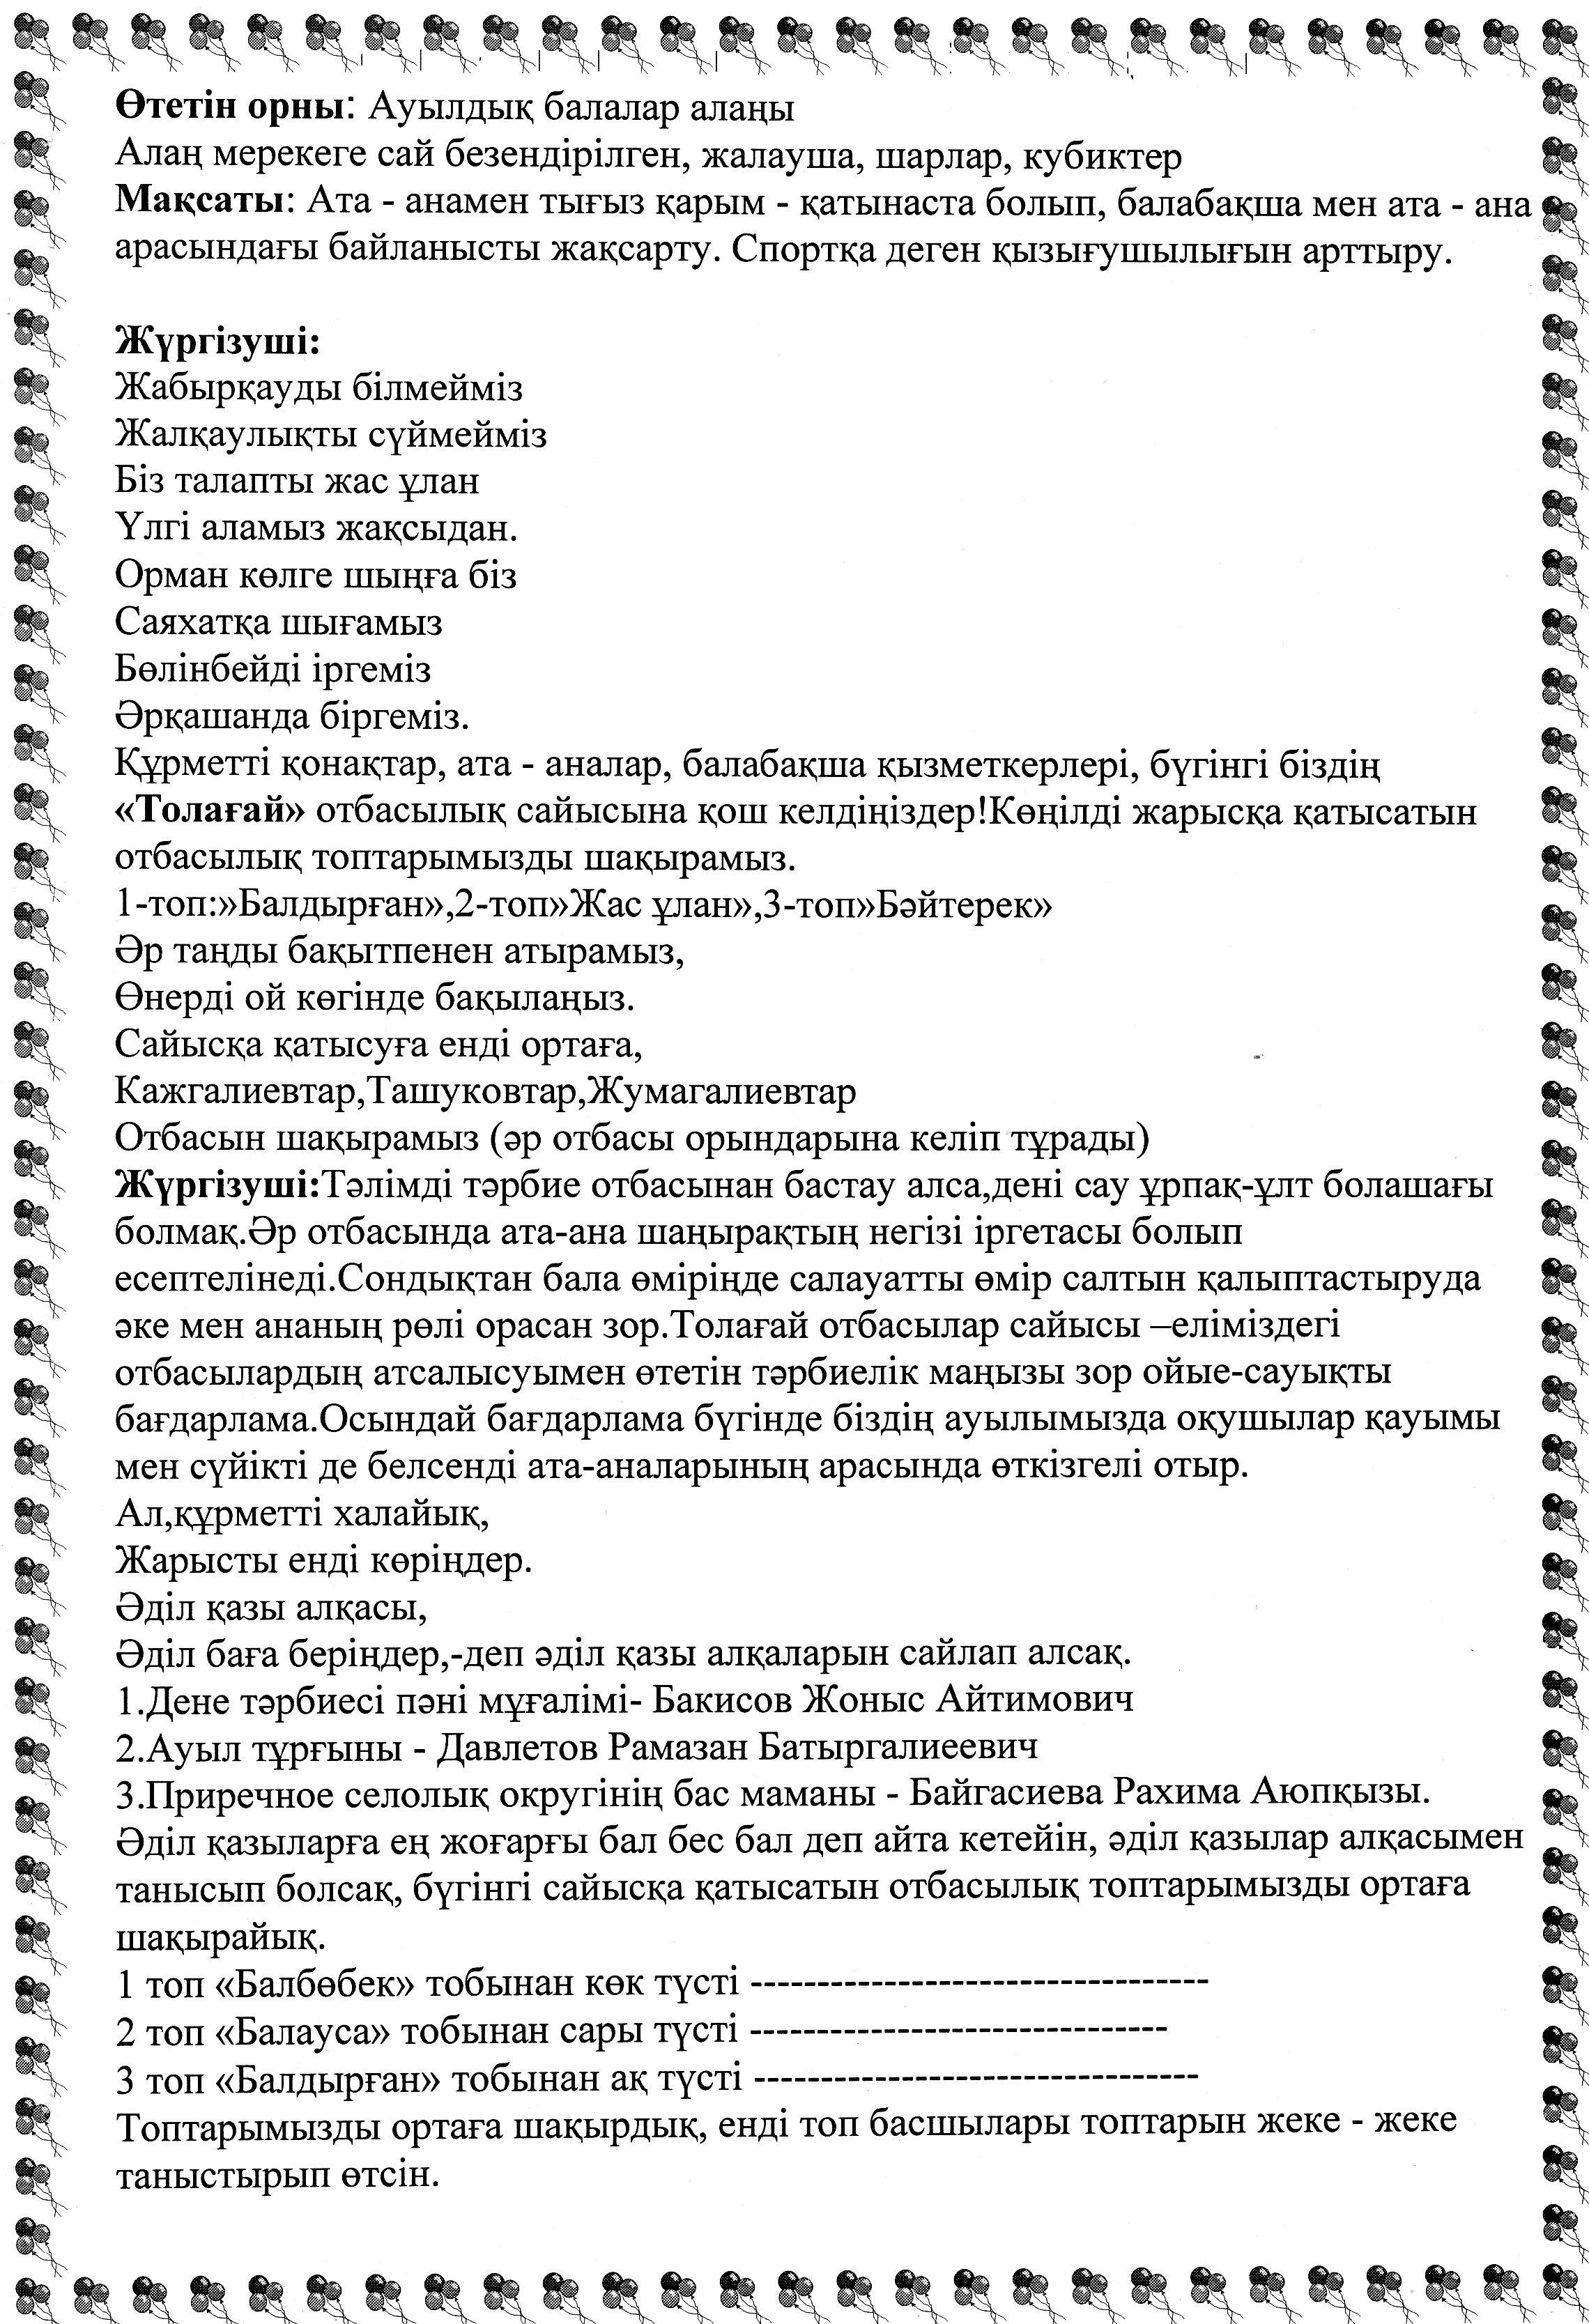 C:\Documents and Settings\Admin\Мои документы\Мои рисунки\img059.jpg